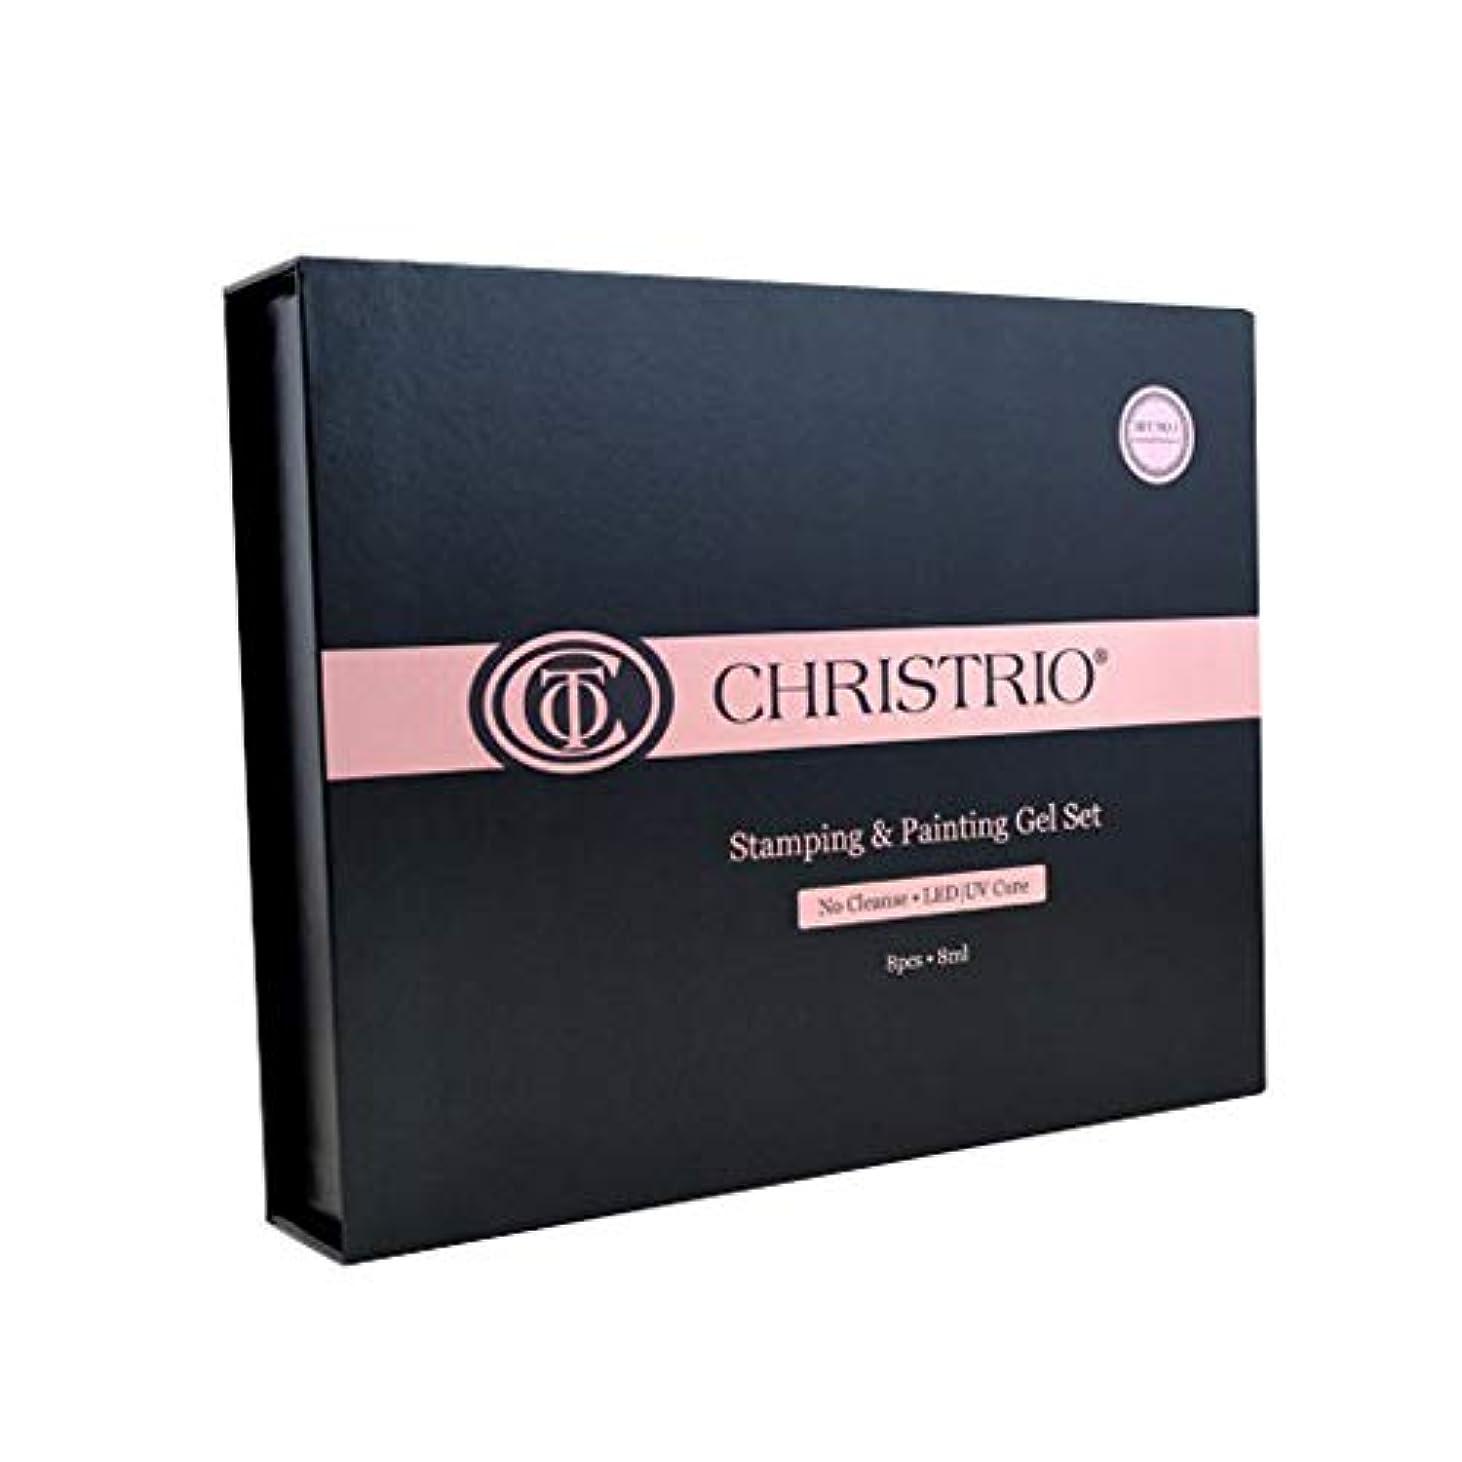 ピアノ気がついて商標CHRISTRIO スタンピング&ペインティングジェルセット No.1